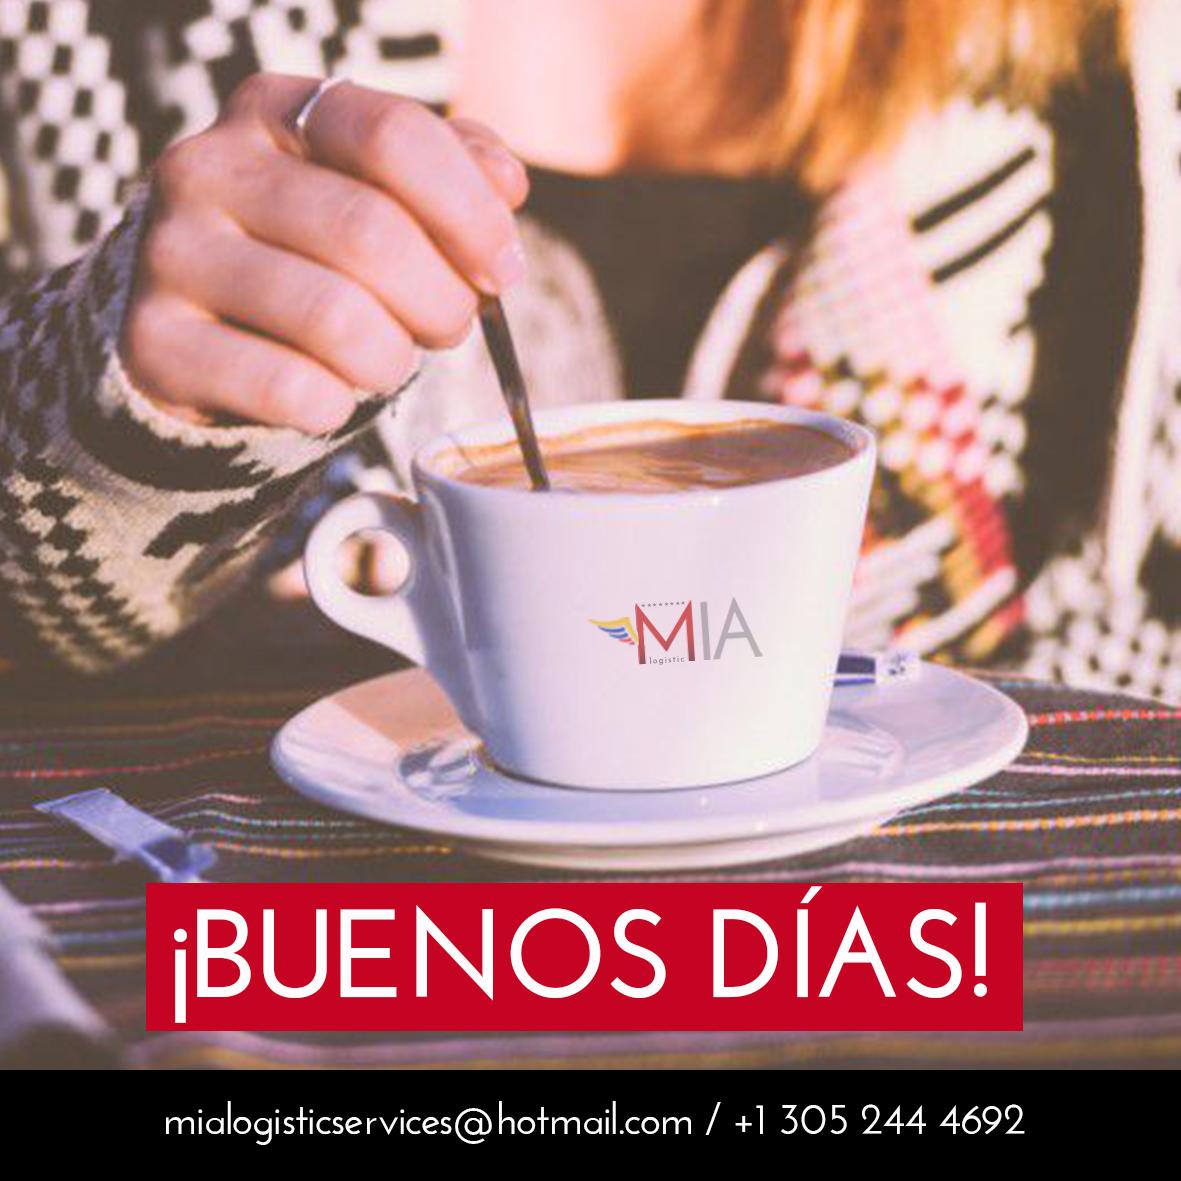 Sólo regala un saludo y verás que recibirás muchas alegrías por la mañana #MIA_Logistic . CONTACTO 📱+1 305 244 4692 . #courierservices #courier #delivery #courierservice #logistics #couriers #enviosmaritimos #enviosaereos #enviosavenezuela #venezuela #envios #miami #florida #usa